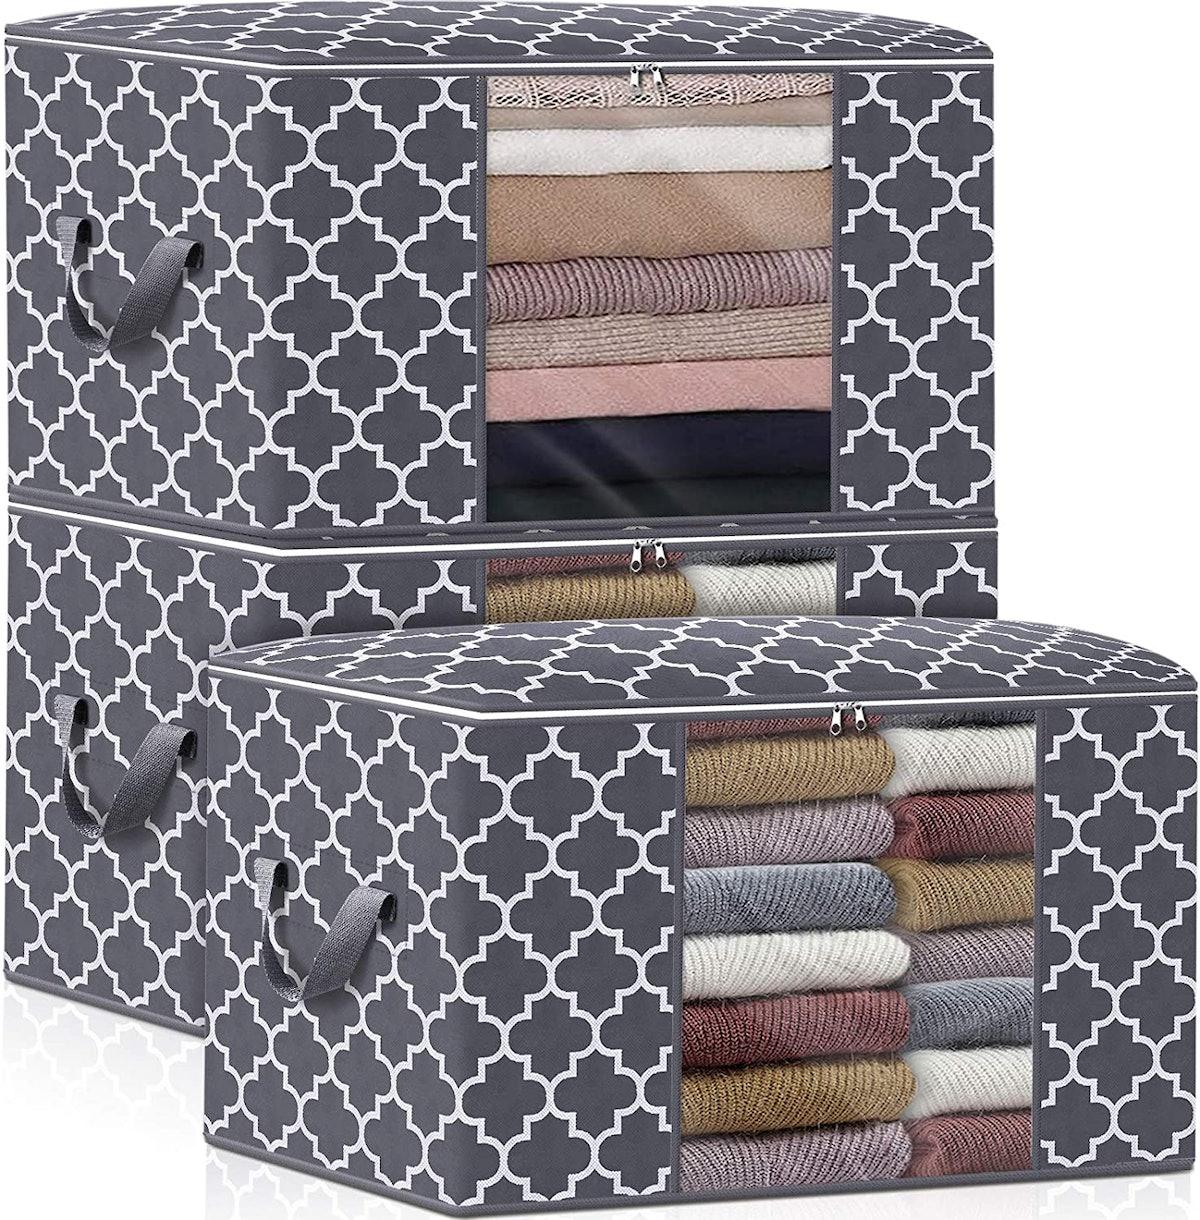 WISELIFE Storage Bags (3 Pack)